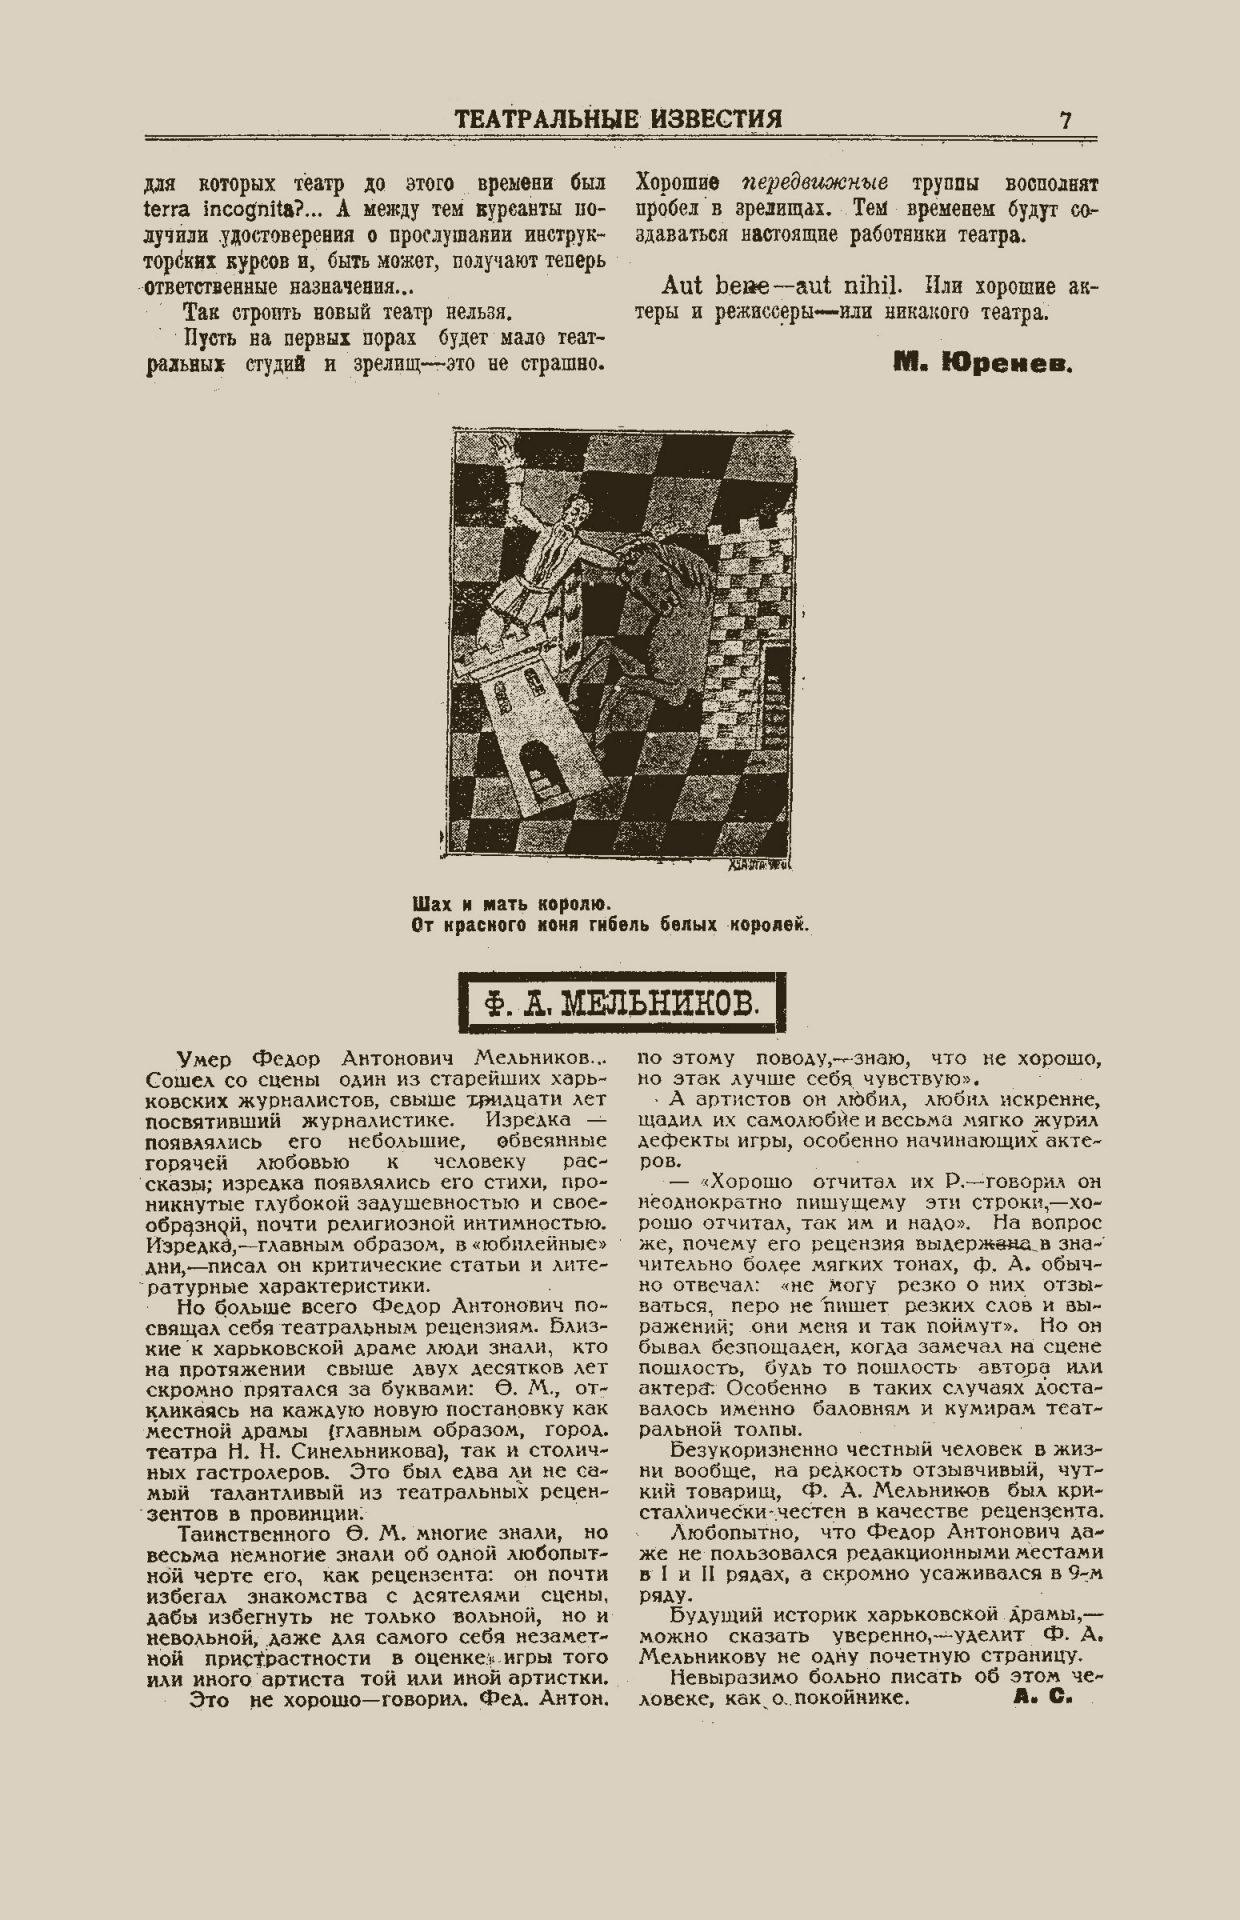 Театральные известия, 1920, №2